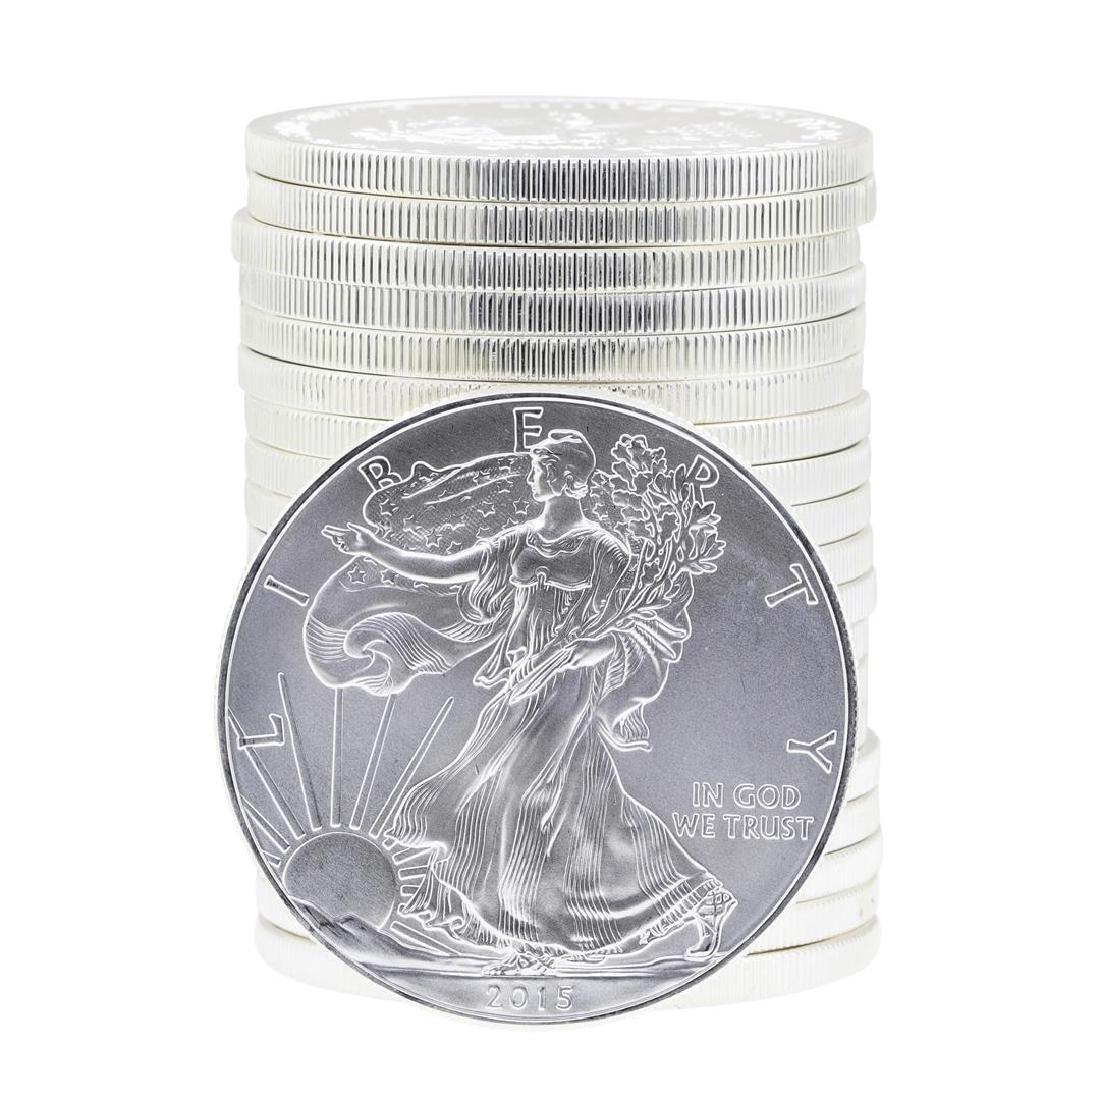 Roll of (20) 2015 $1 American Silver Eagle Brilliant